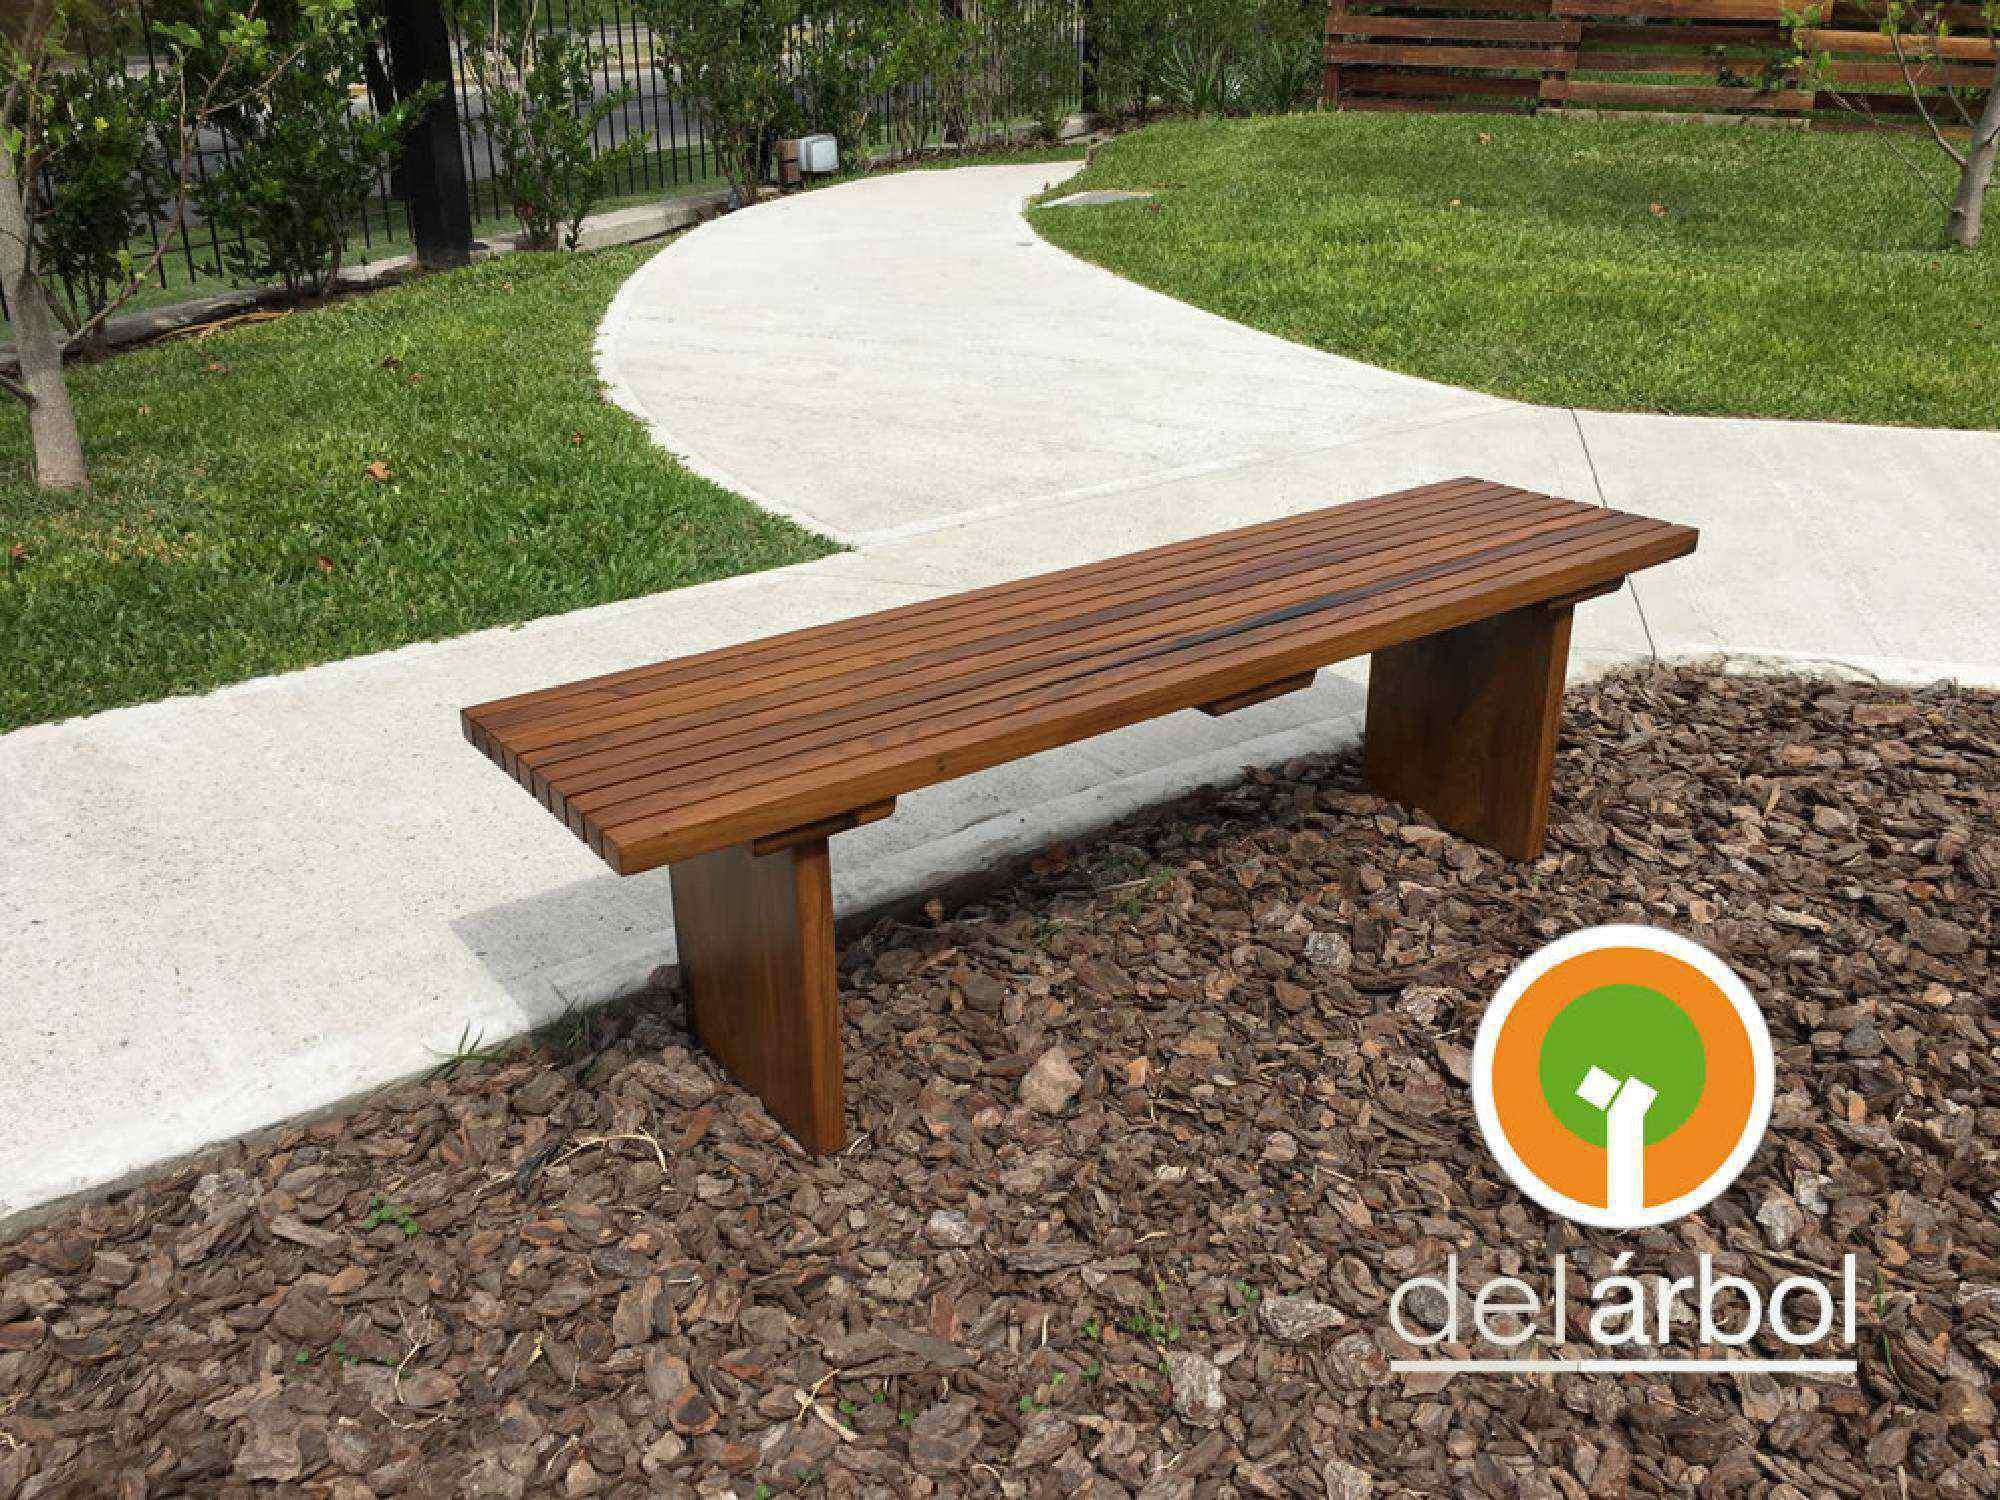 Banco de listones de madera para jard n y exterior del for Bancos de madera para interior baratos